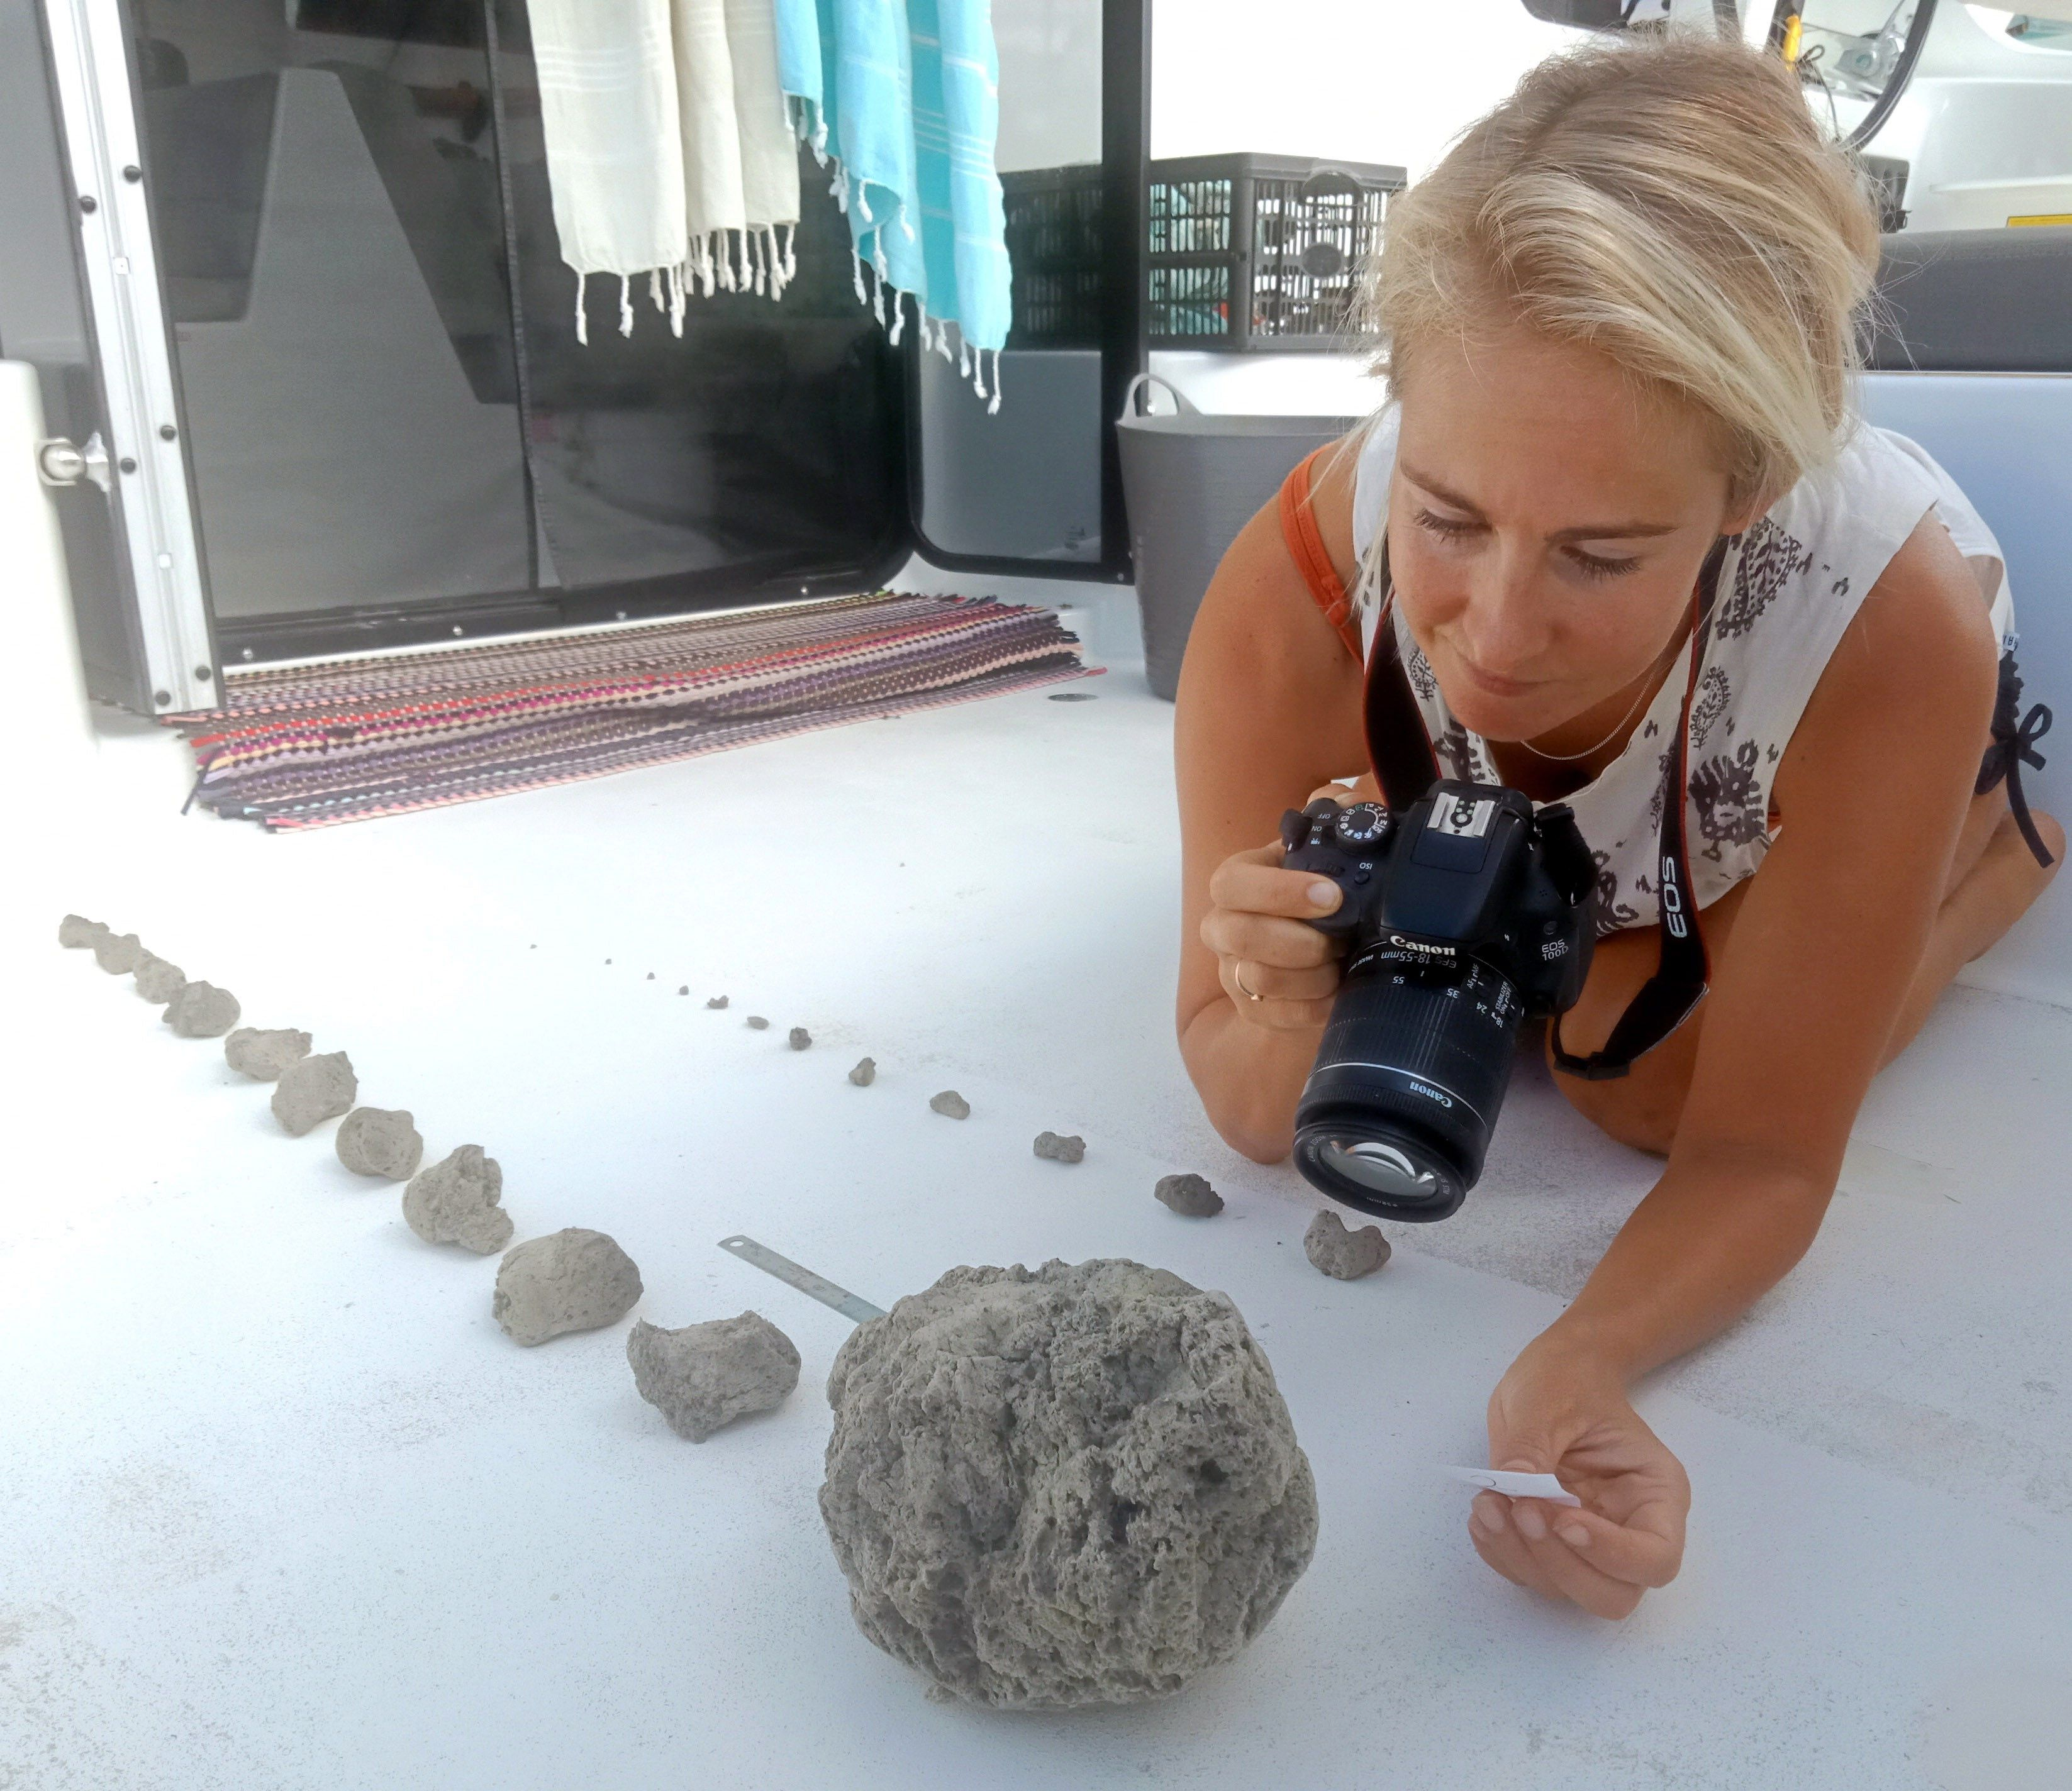 Una tripulante del catamarán Roam fotografía algunos de los fragmentos de piedra pómez rescatados del mar. | Foto: EFE